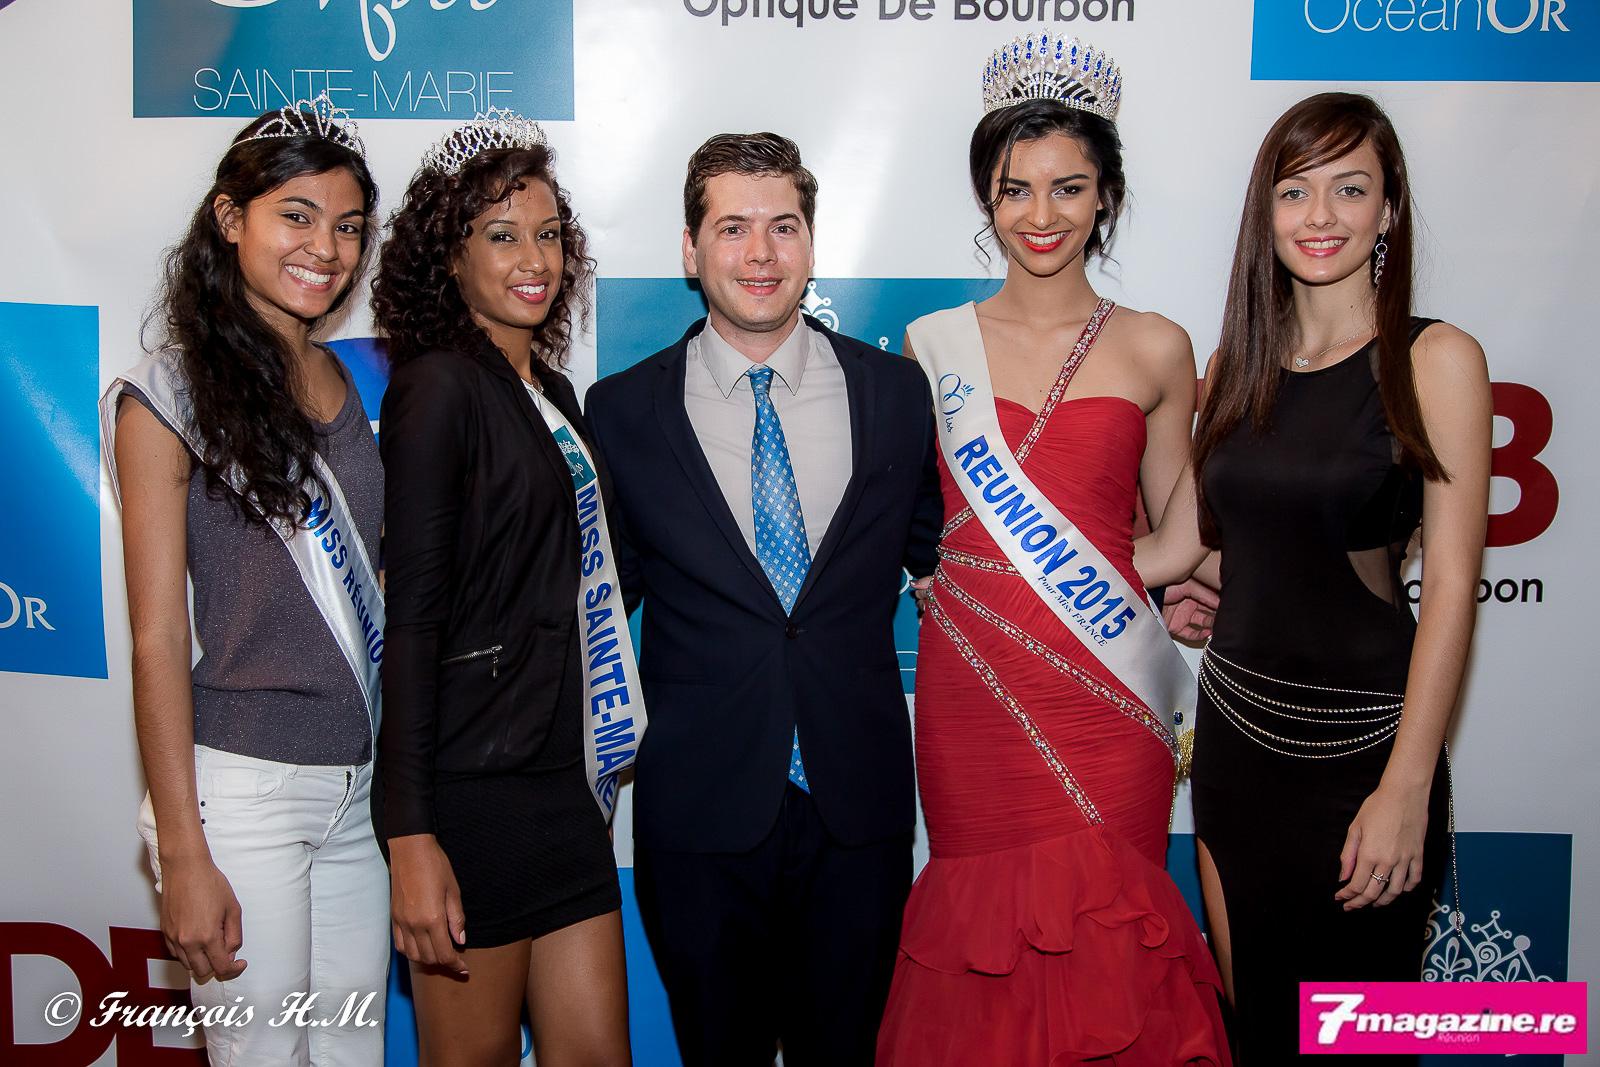 Grégoire Cordeboeuf, un homme heureux, entouré de Adeline Eclapier, Audrey Lebon, Azuima Issa et Morgane Lebon